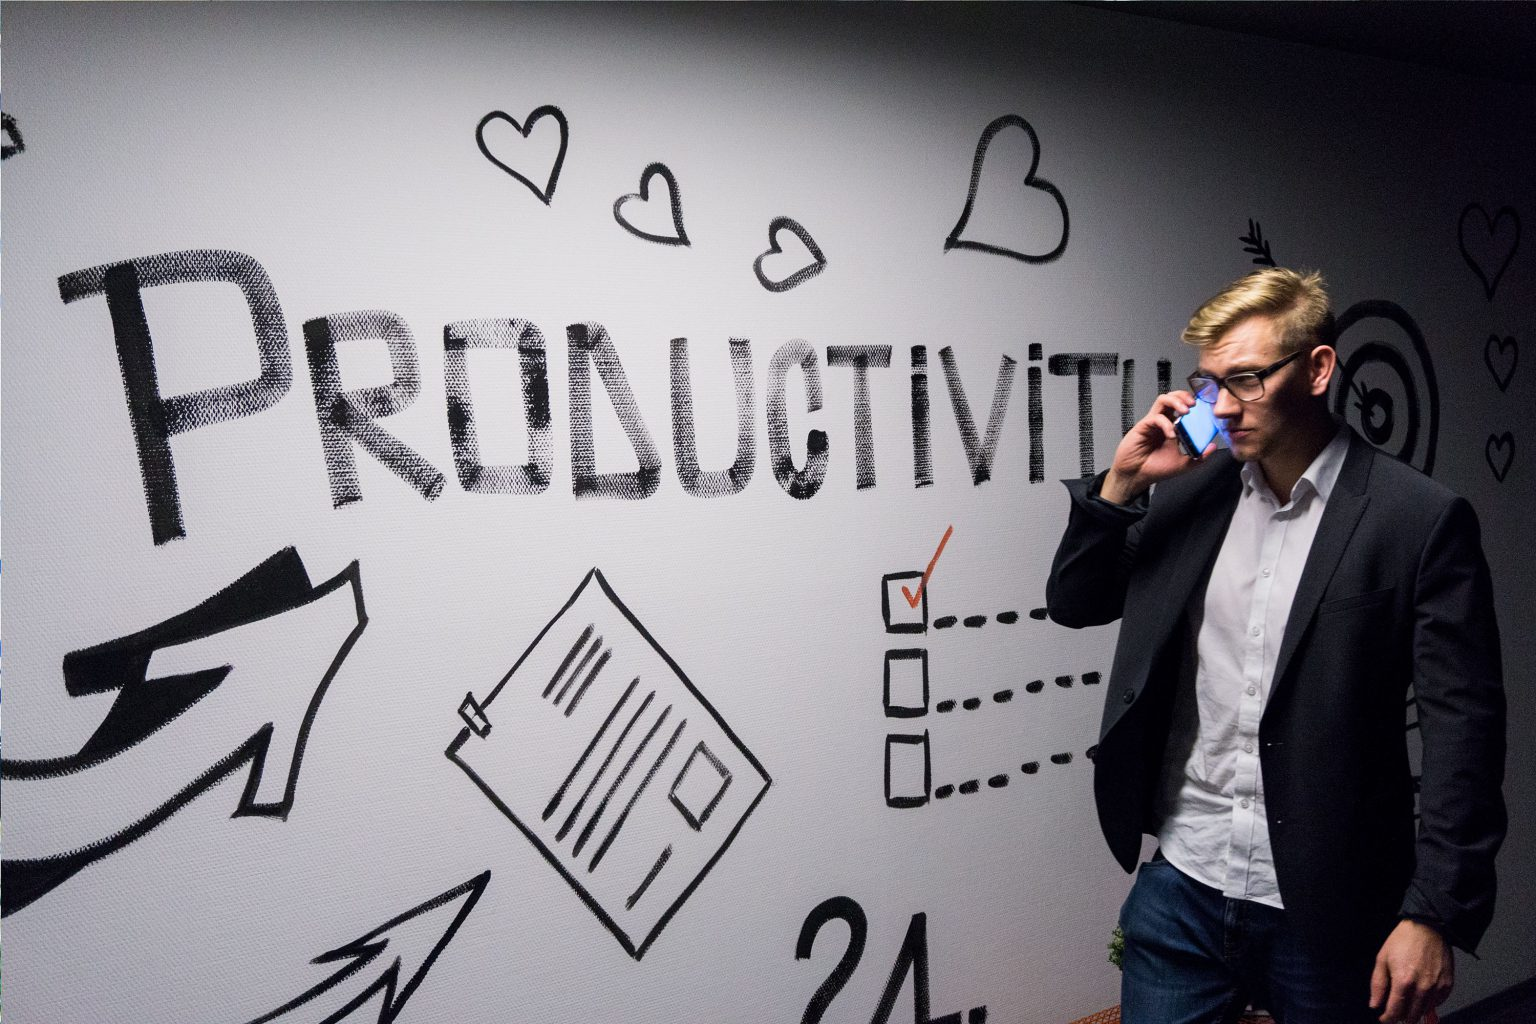 ¿Qué factores influyen en la productividad?